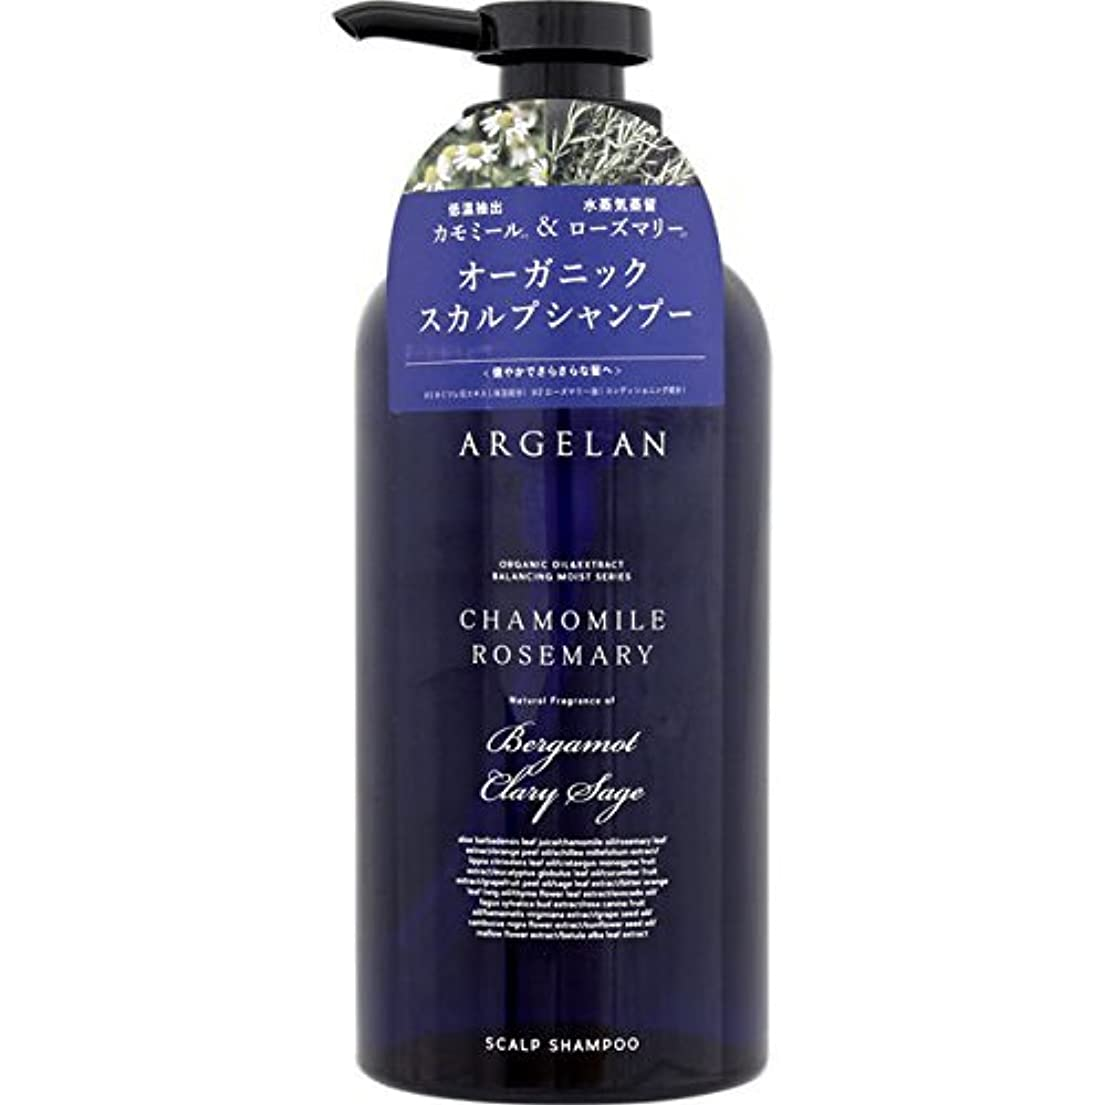 製油所迅速もろいアルジェラン オーガニック 低温抽出カモミール スカルプ シャンプー 500ml